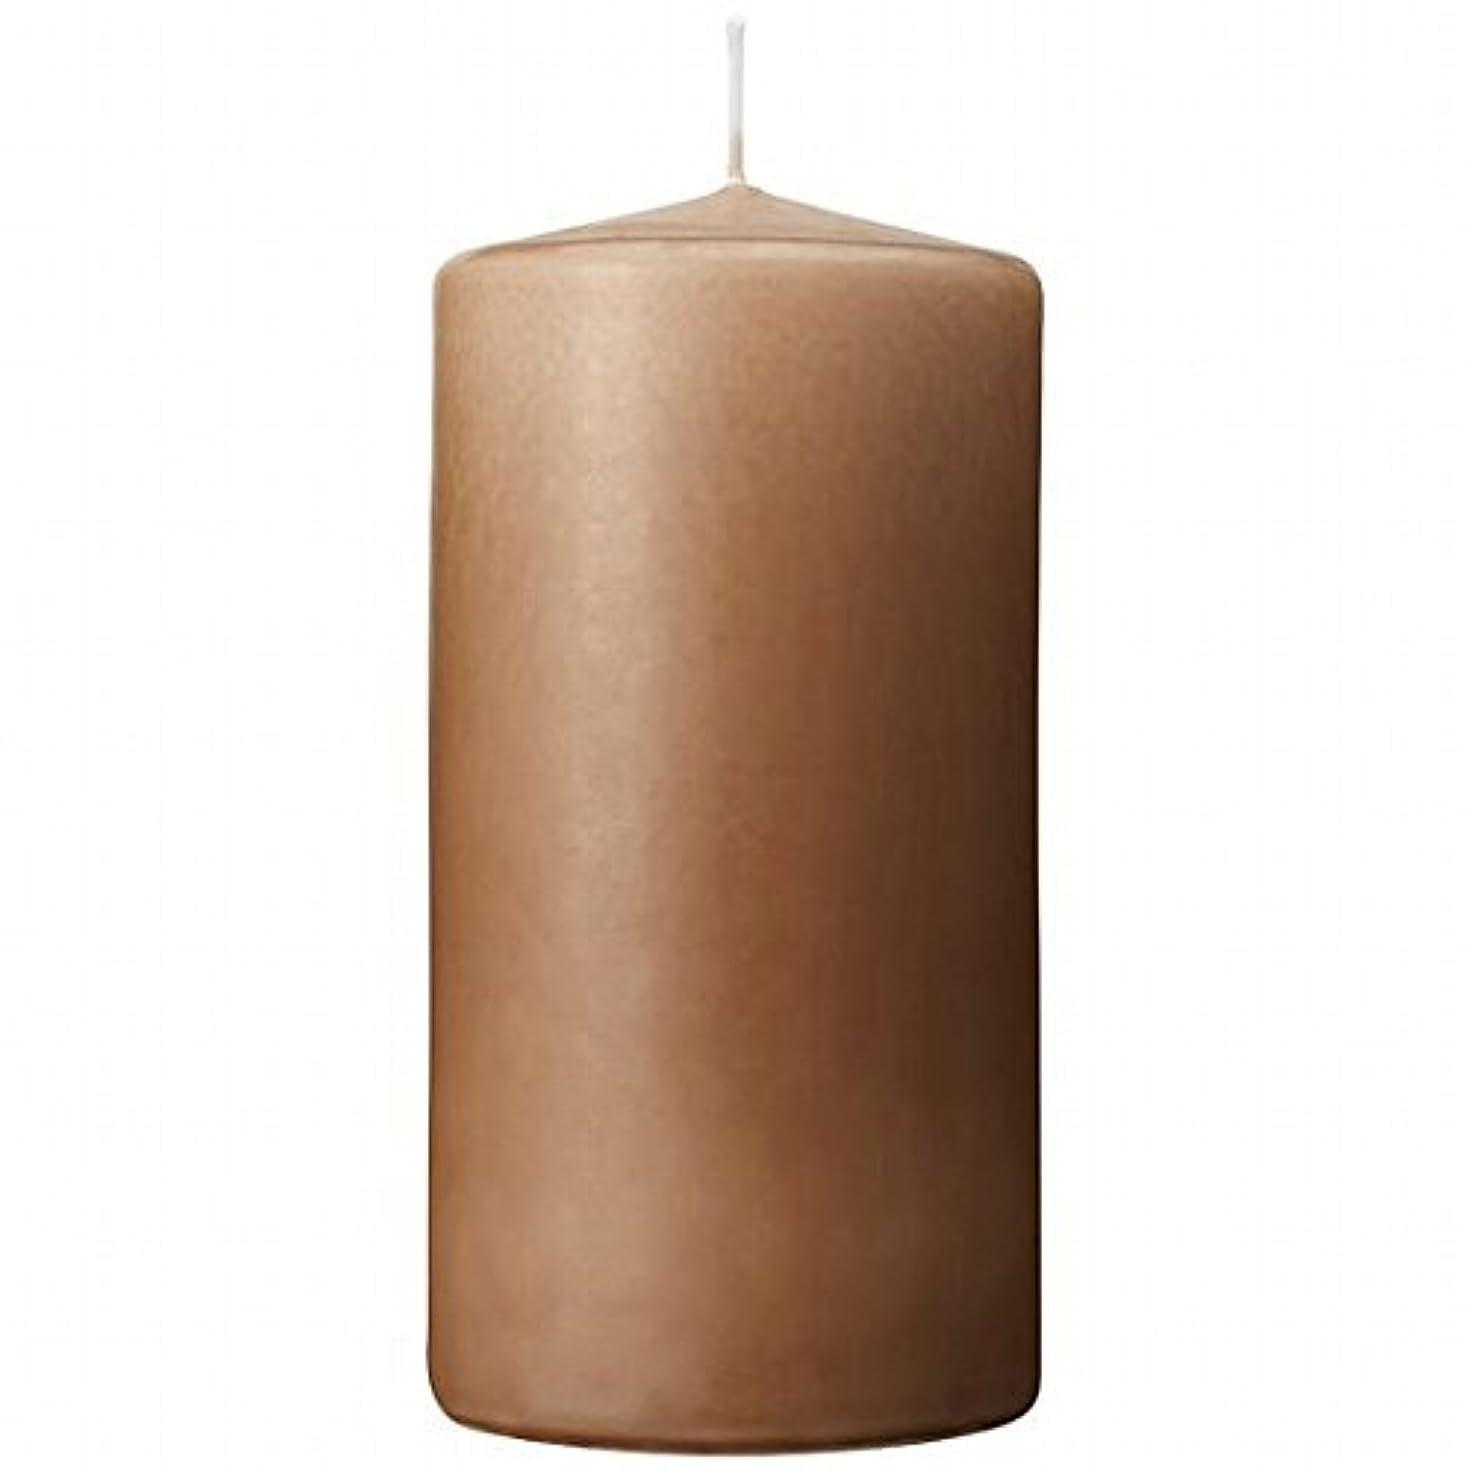 エキゾチック普通の証明書カメヤマキャンドル(kameyama candle) 3×6ベルトップピラーキャンドル 「 モカ 」